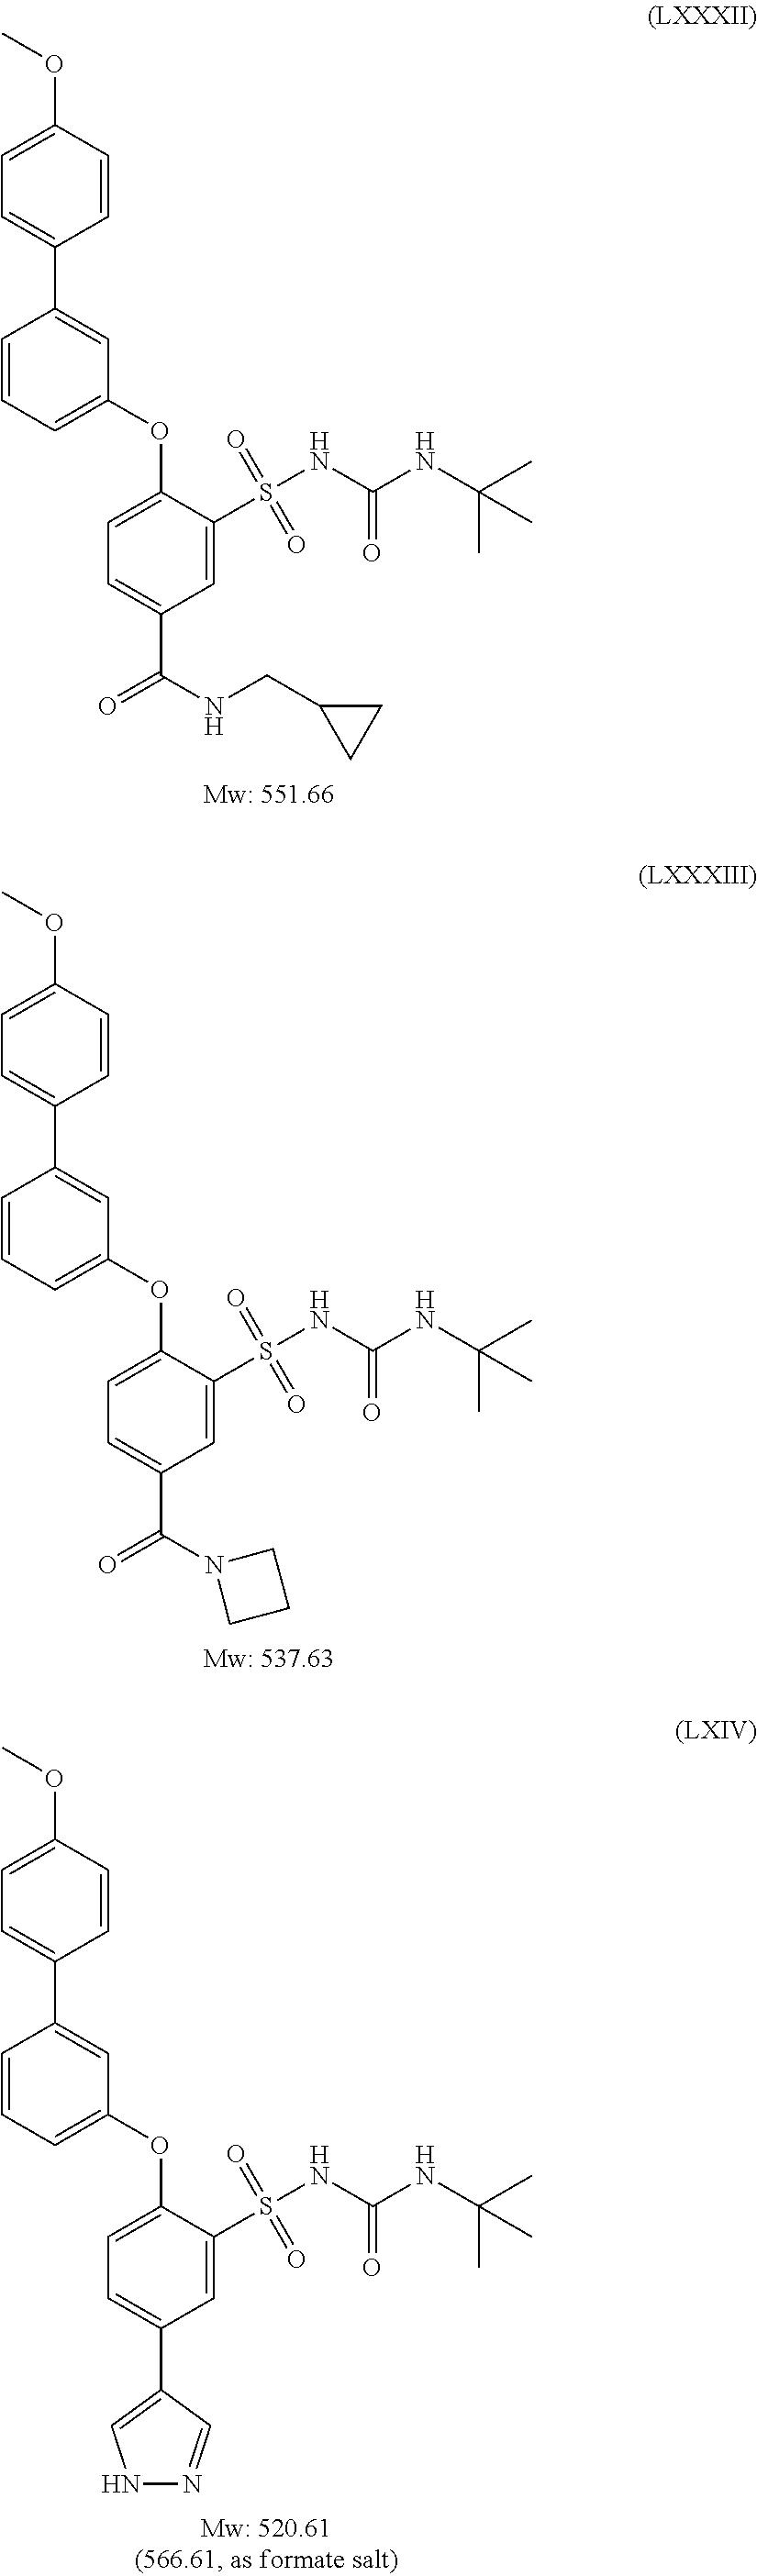 Figure US09718781-20170801-C00125